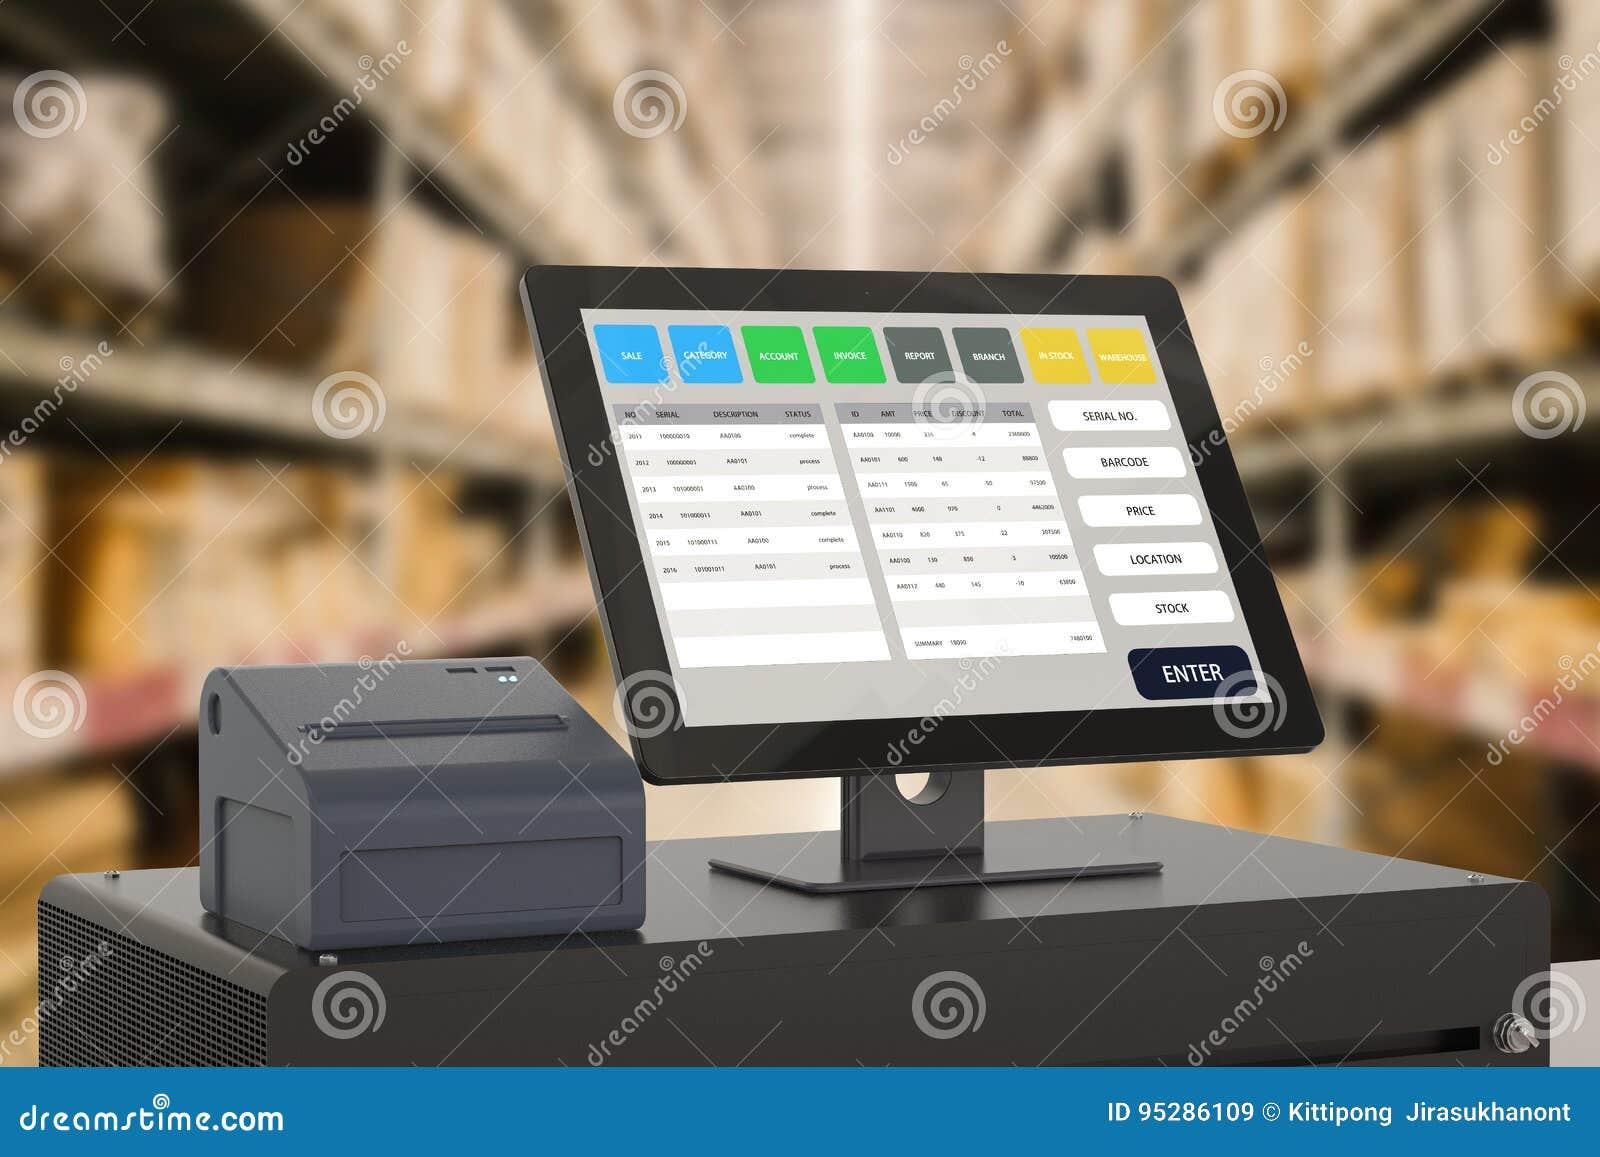 Système de point de vente pour la gestion de magasin